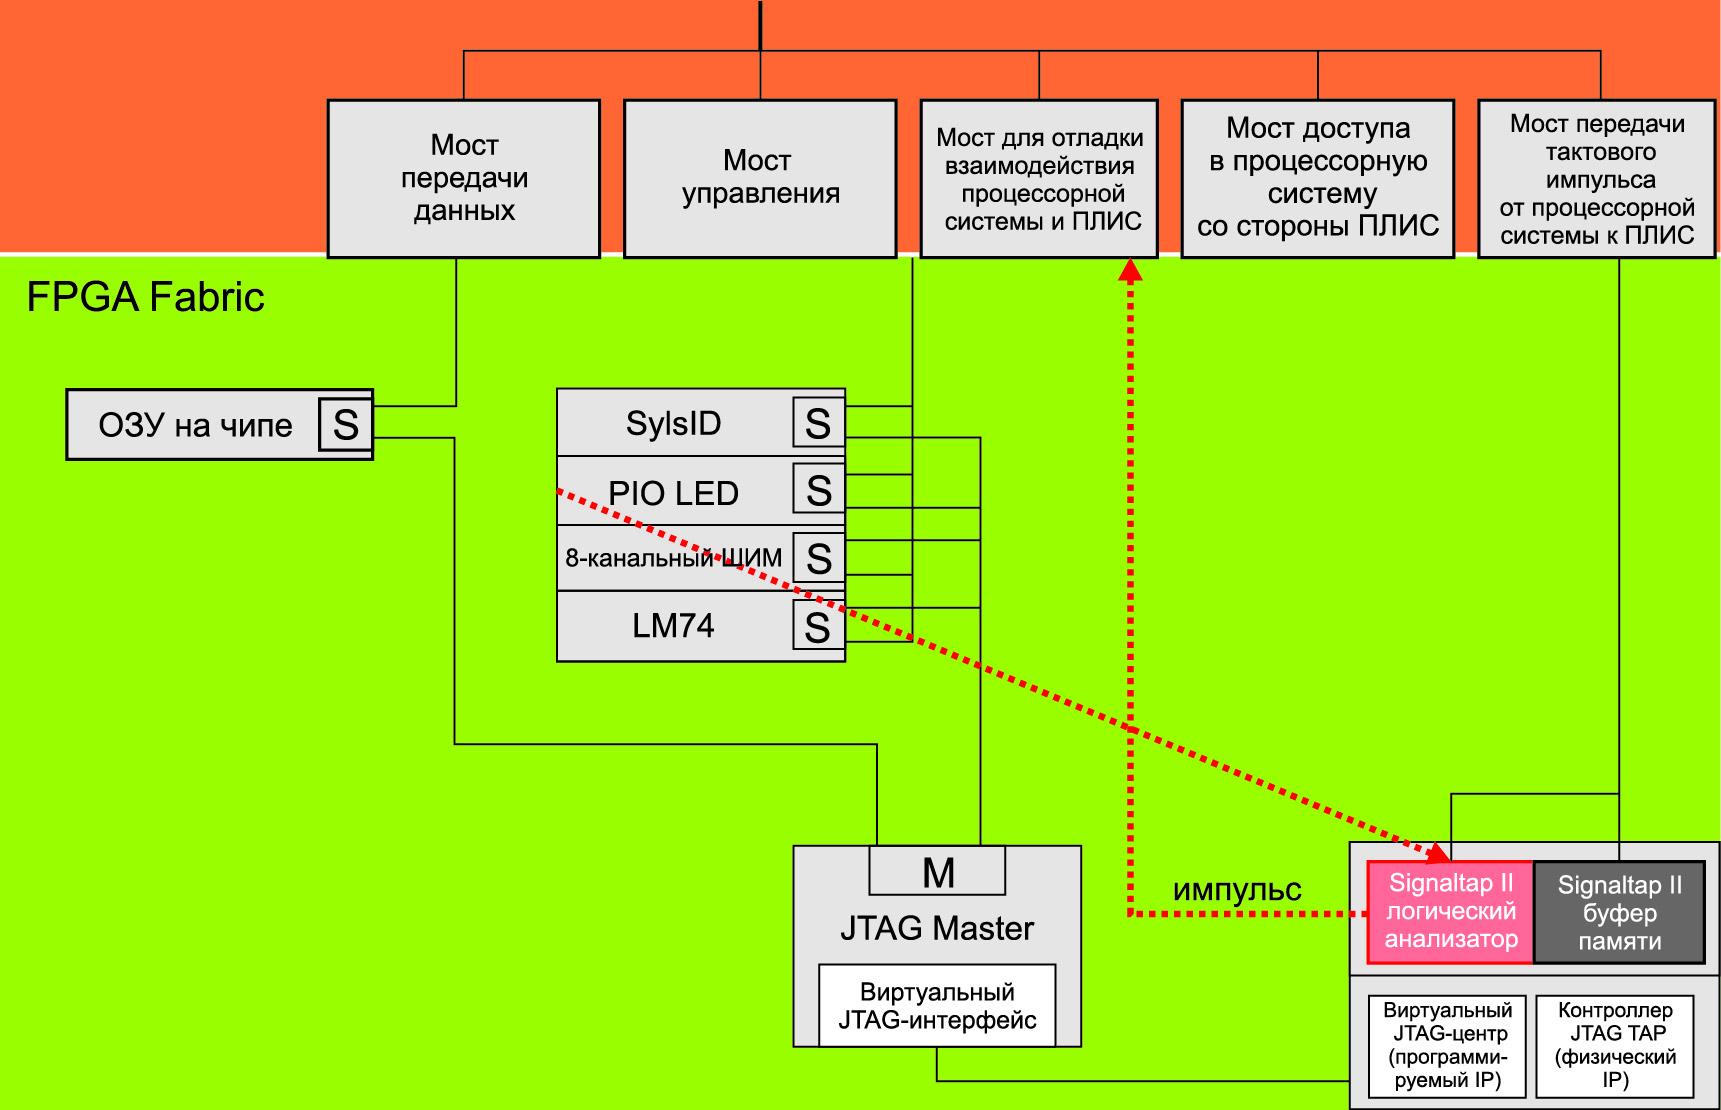 Cхема подключения синтезируемых компонент кмостам процессорной системы HPS